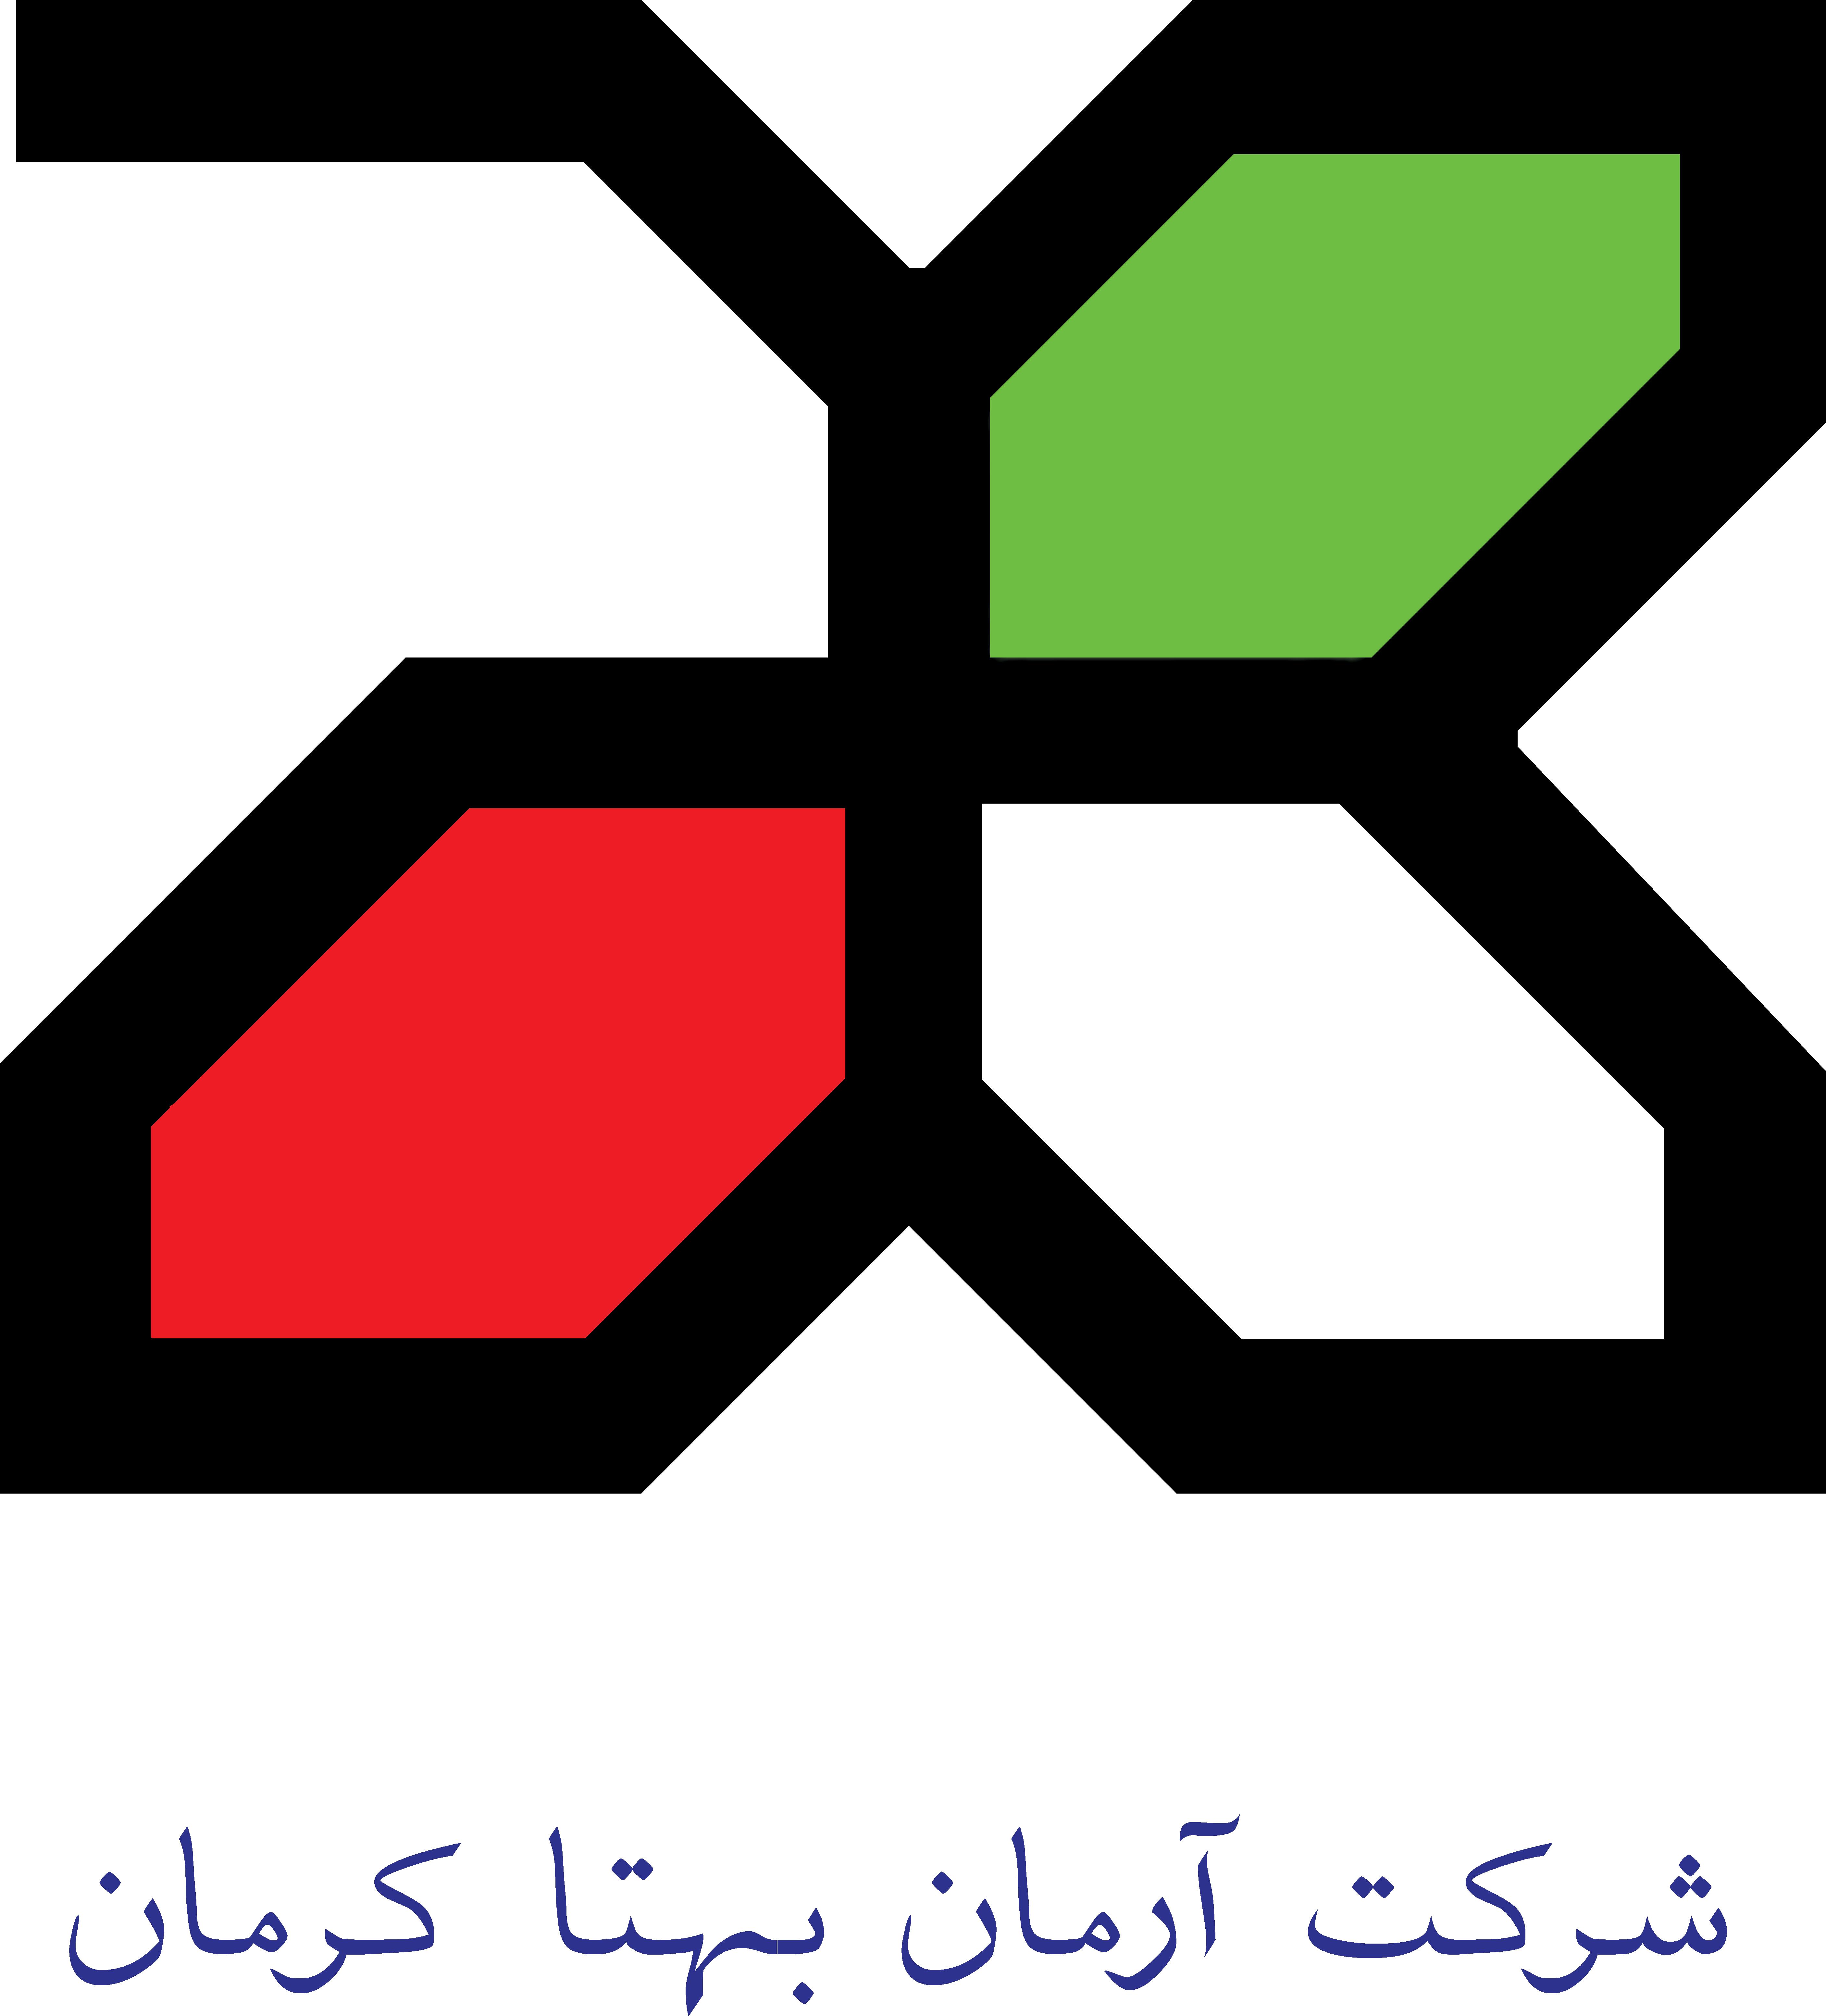 شرکت بازرگانی آرمان بهتا کرمان